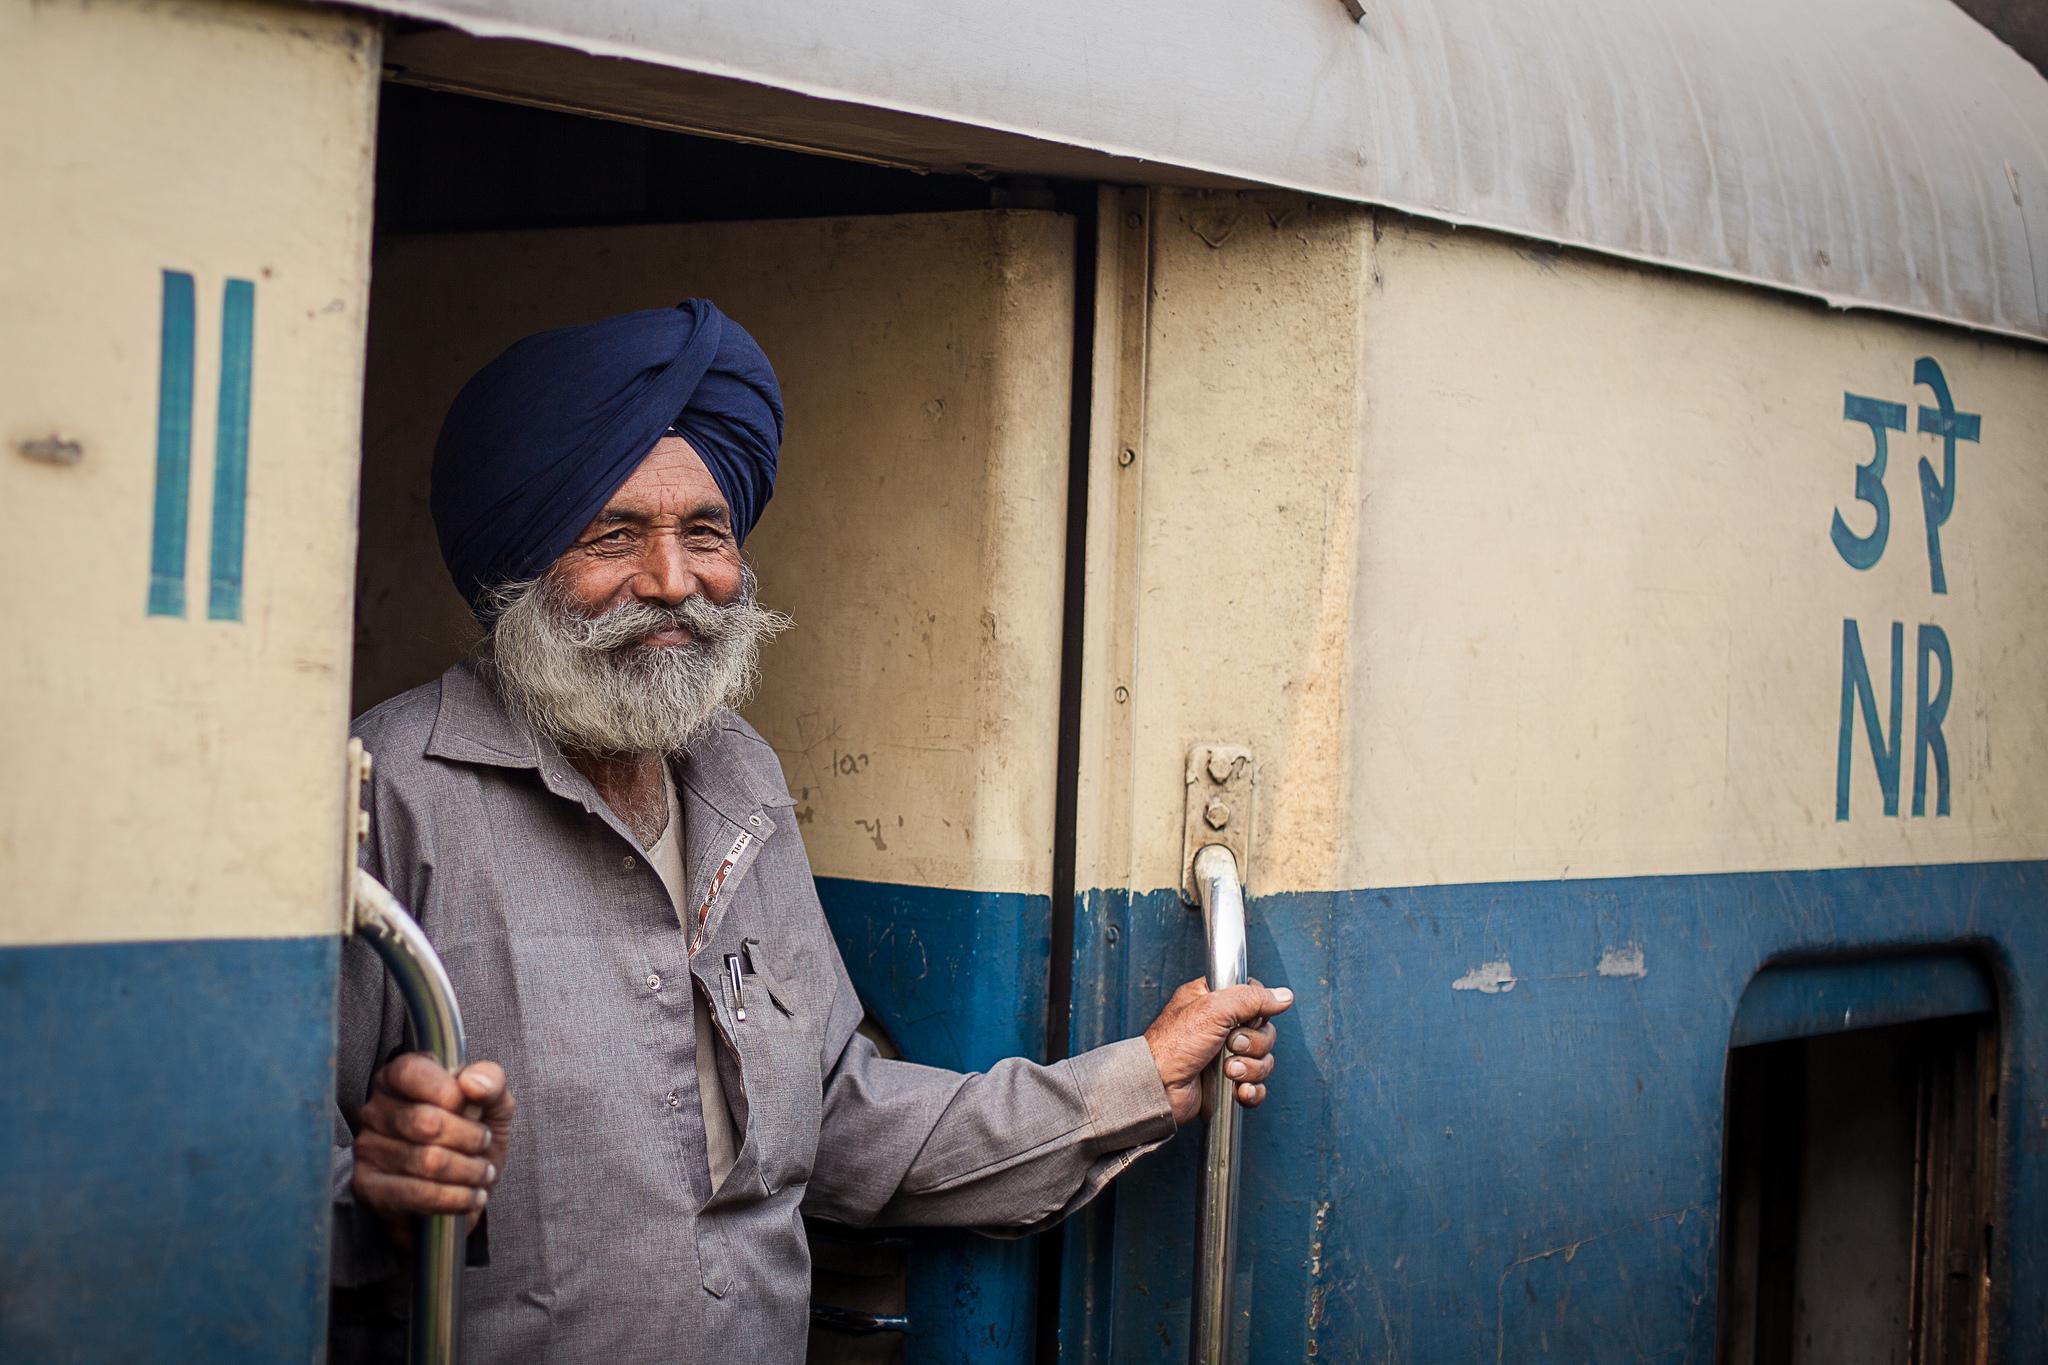 India estrena sus trenes con paneles solares en el techo